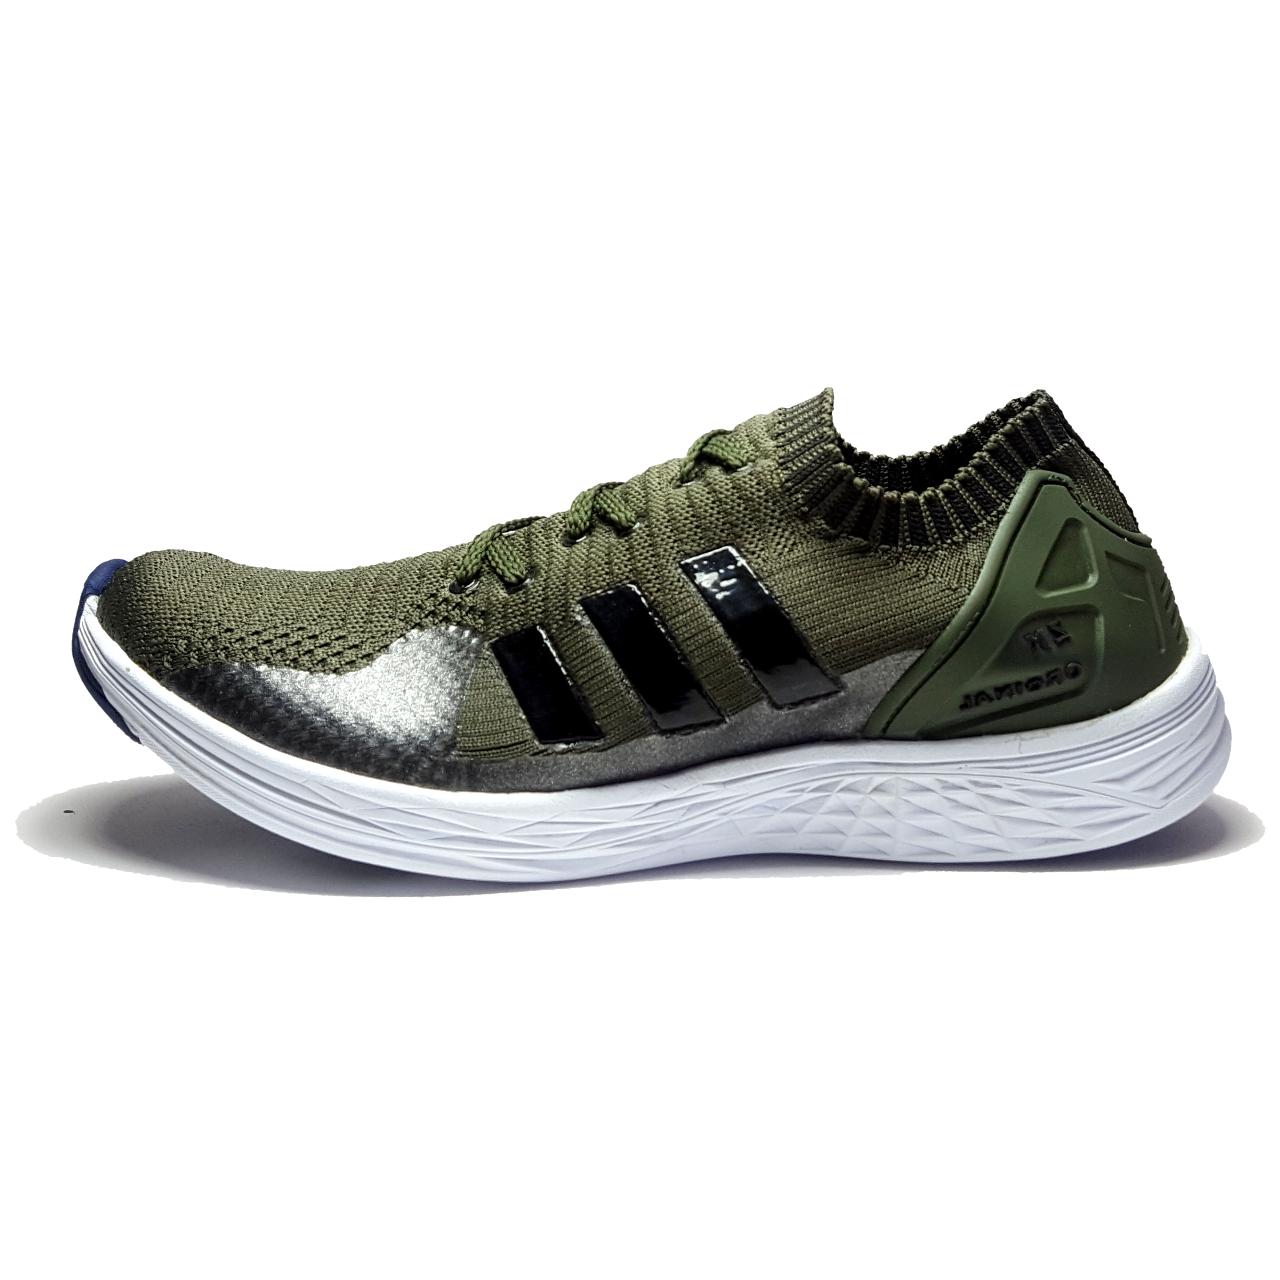 کفش مخصوص پیاده روی مردانه مدل جورابی کد zx